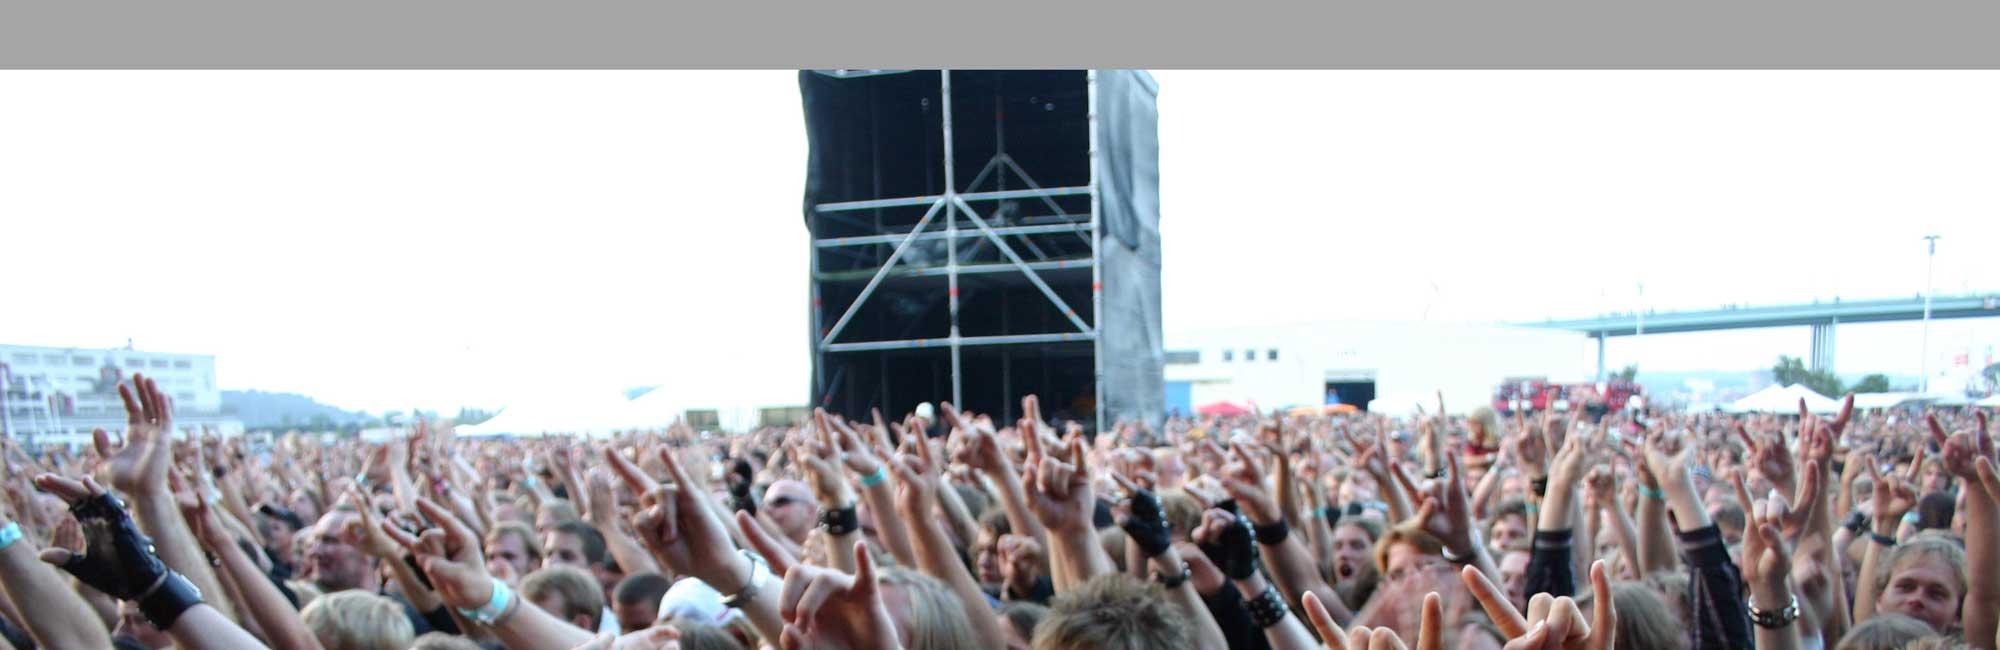 Grote en kleine evenementen - Beveiligingsbedrijf HSM Safety BV Emmen